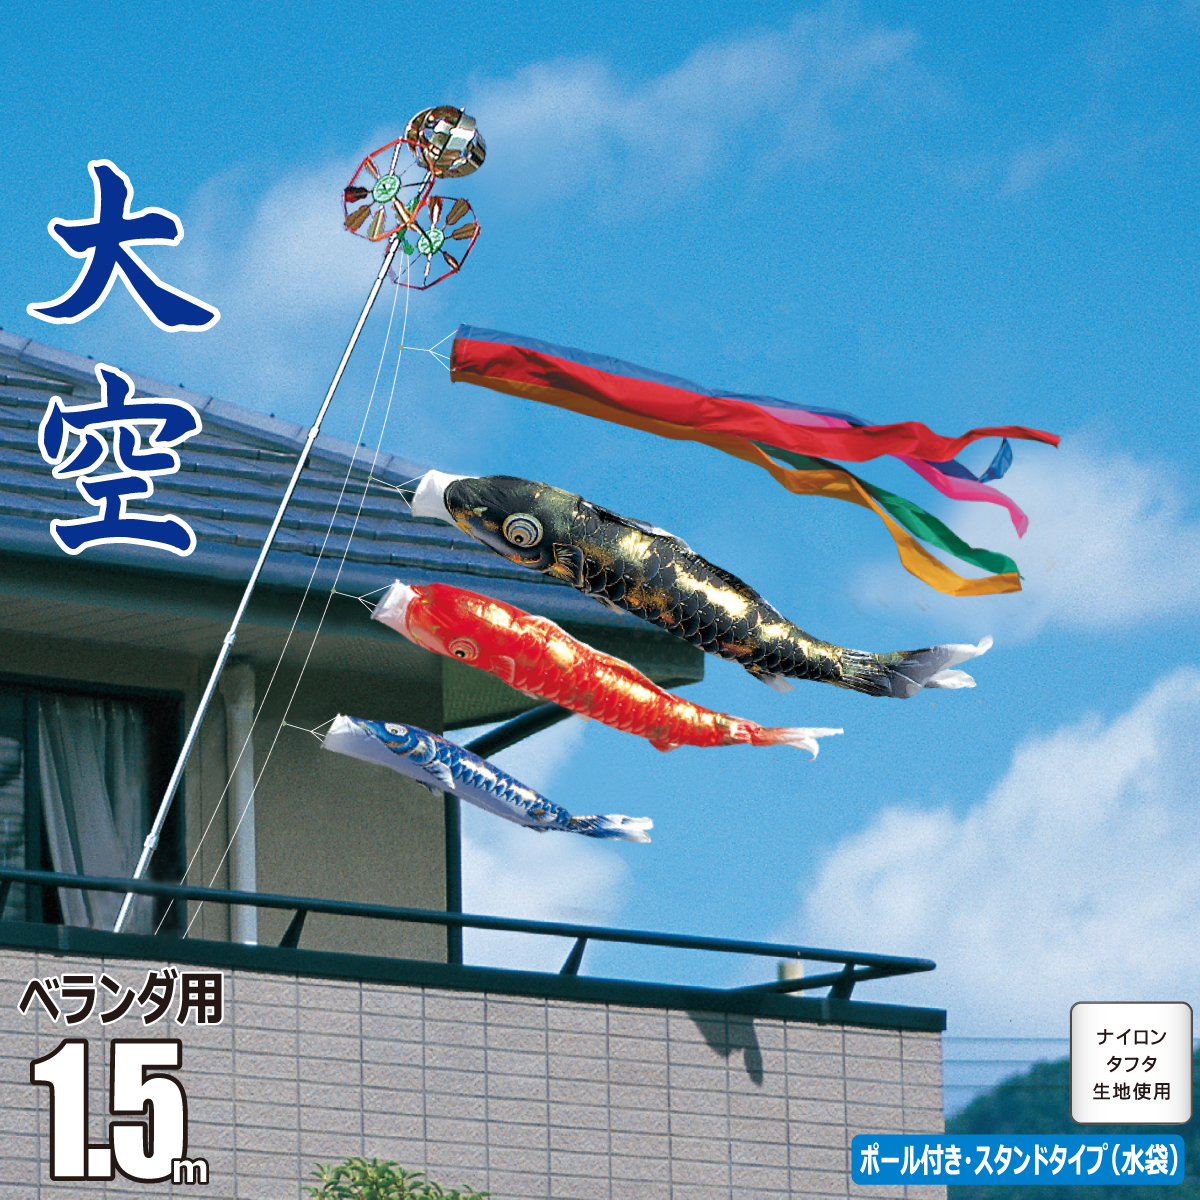 こいのぼり 2m 大空 6点 (矢車、ロープ、吹流し、鯉3匹) ベランダ用 スタンドセット (ベランダ用 取付金具付き) 徳永鯉のぼり KIT-152-735-BS